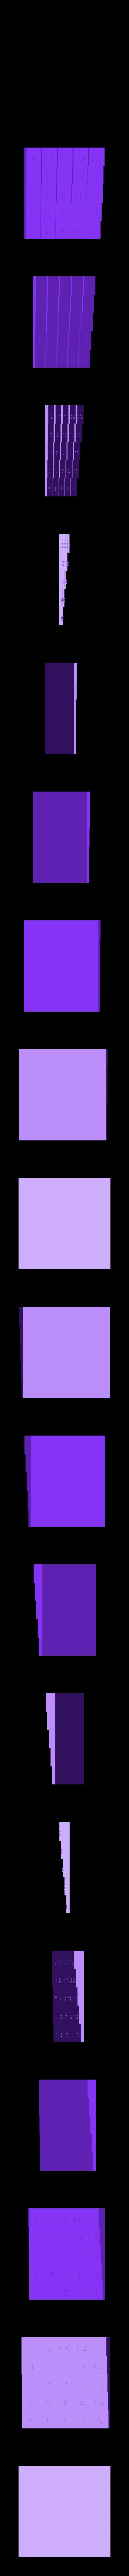 multiplication-cubes_multiplication_tables_deluxe_optimized_for_braille__20131028-4926-18ftkty-0.stl Télécharger fichier STL gratuit Table de multiplication optimisée 5x5 braille • Modèle imprimable en 3D, Durbarod